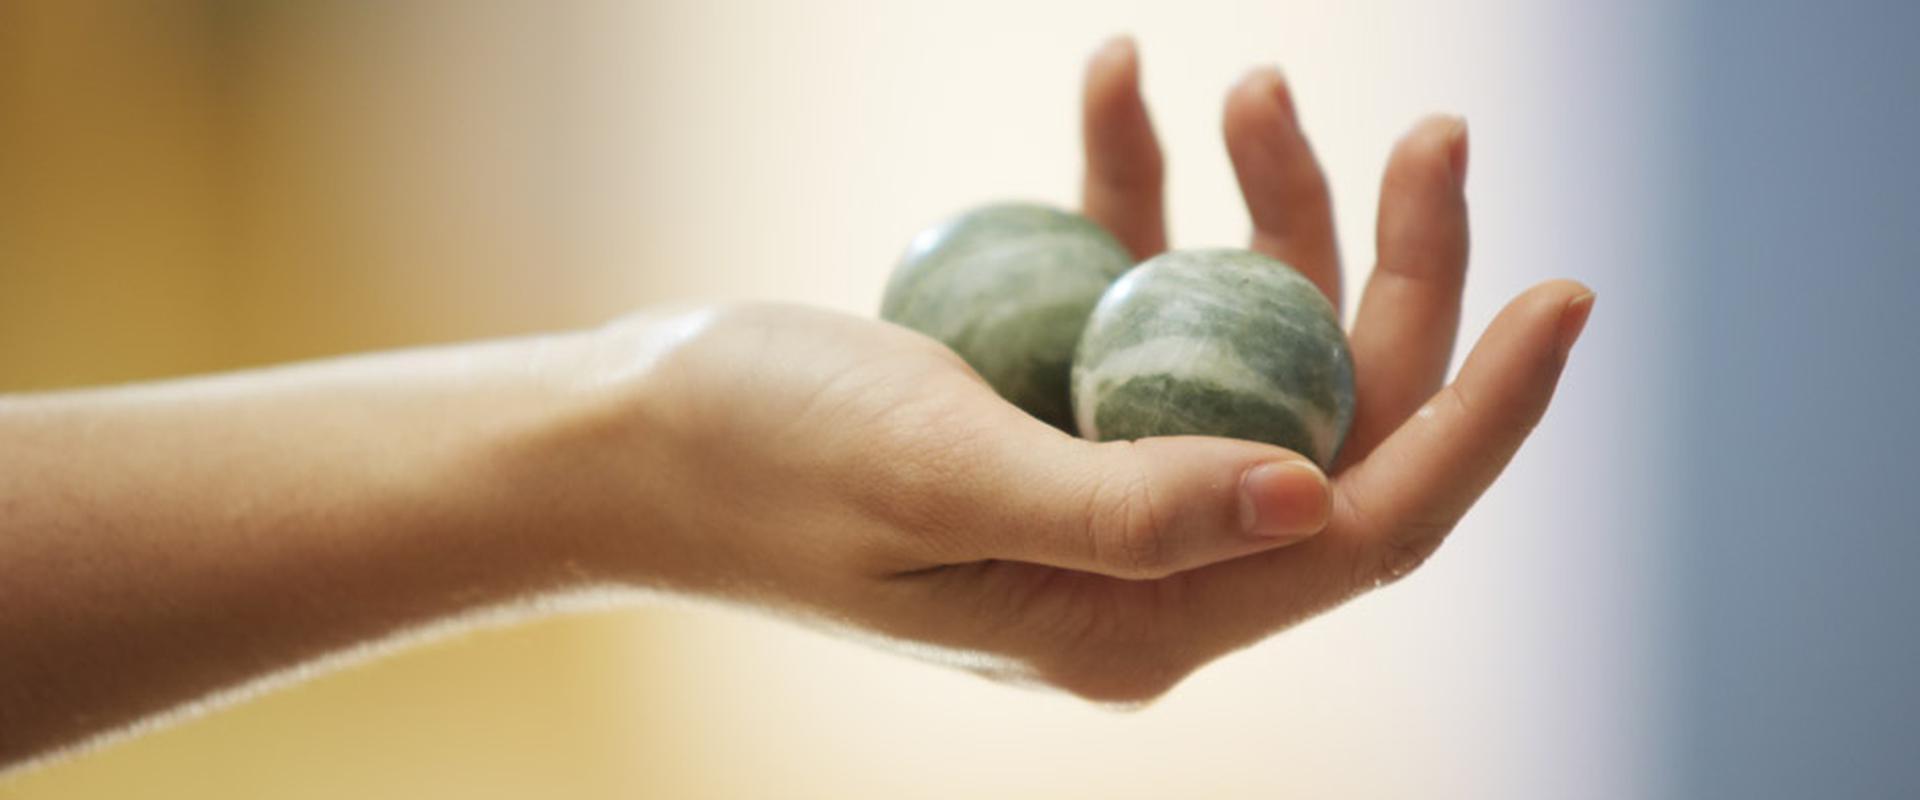 Steinmurmeln werden in der Hand eines Patienten gehalten in der MEDIAN Achertal-Klinik Ottenhöfen